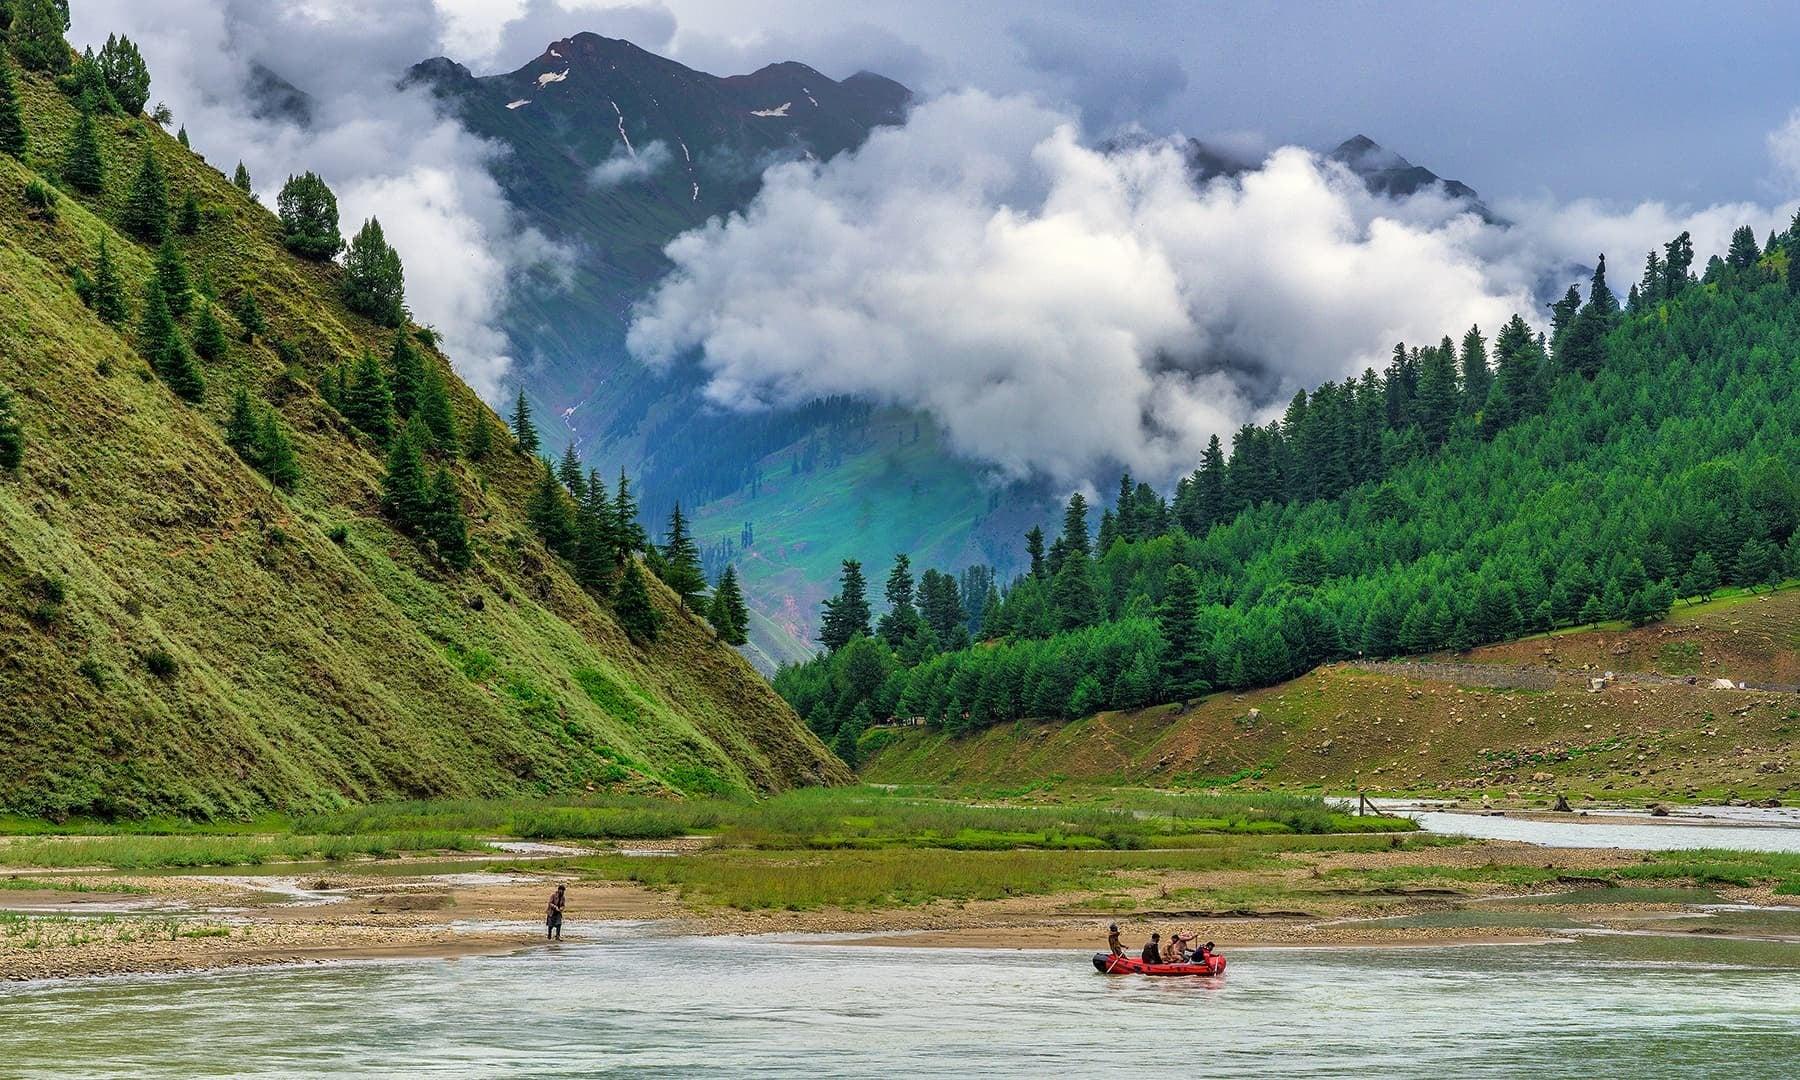 Kunhar River, Naran Valley. — Photo by Syed Mehdi Bukhari